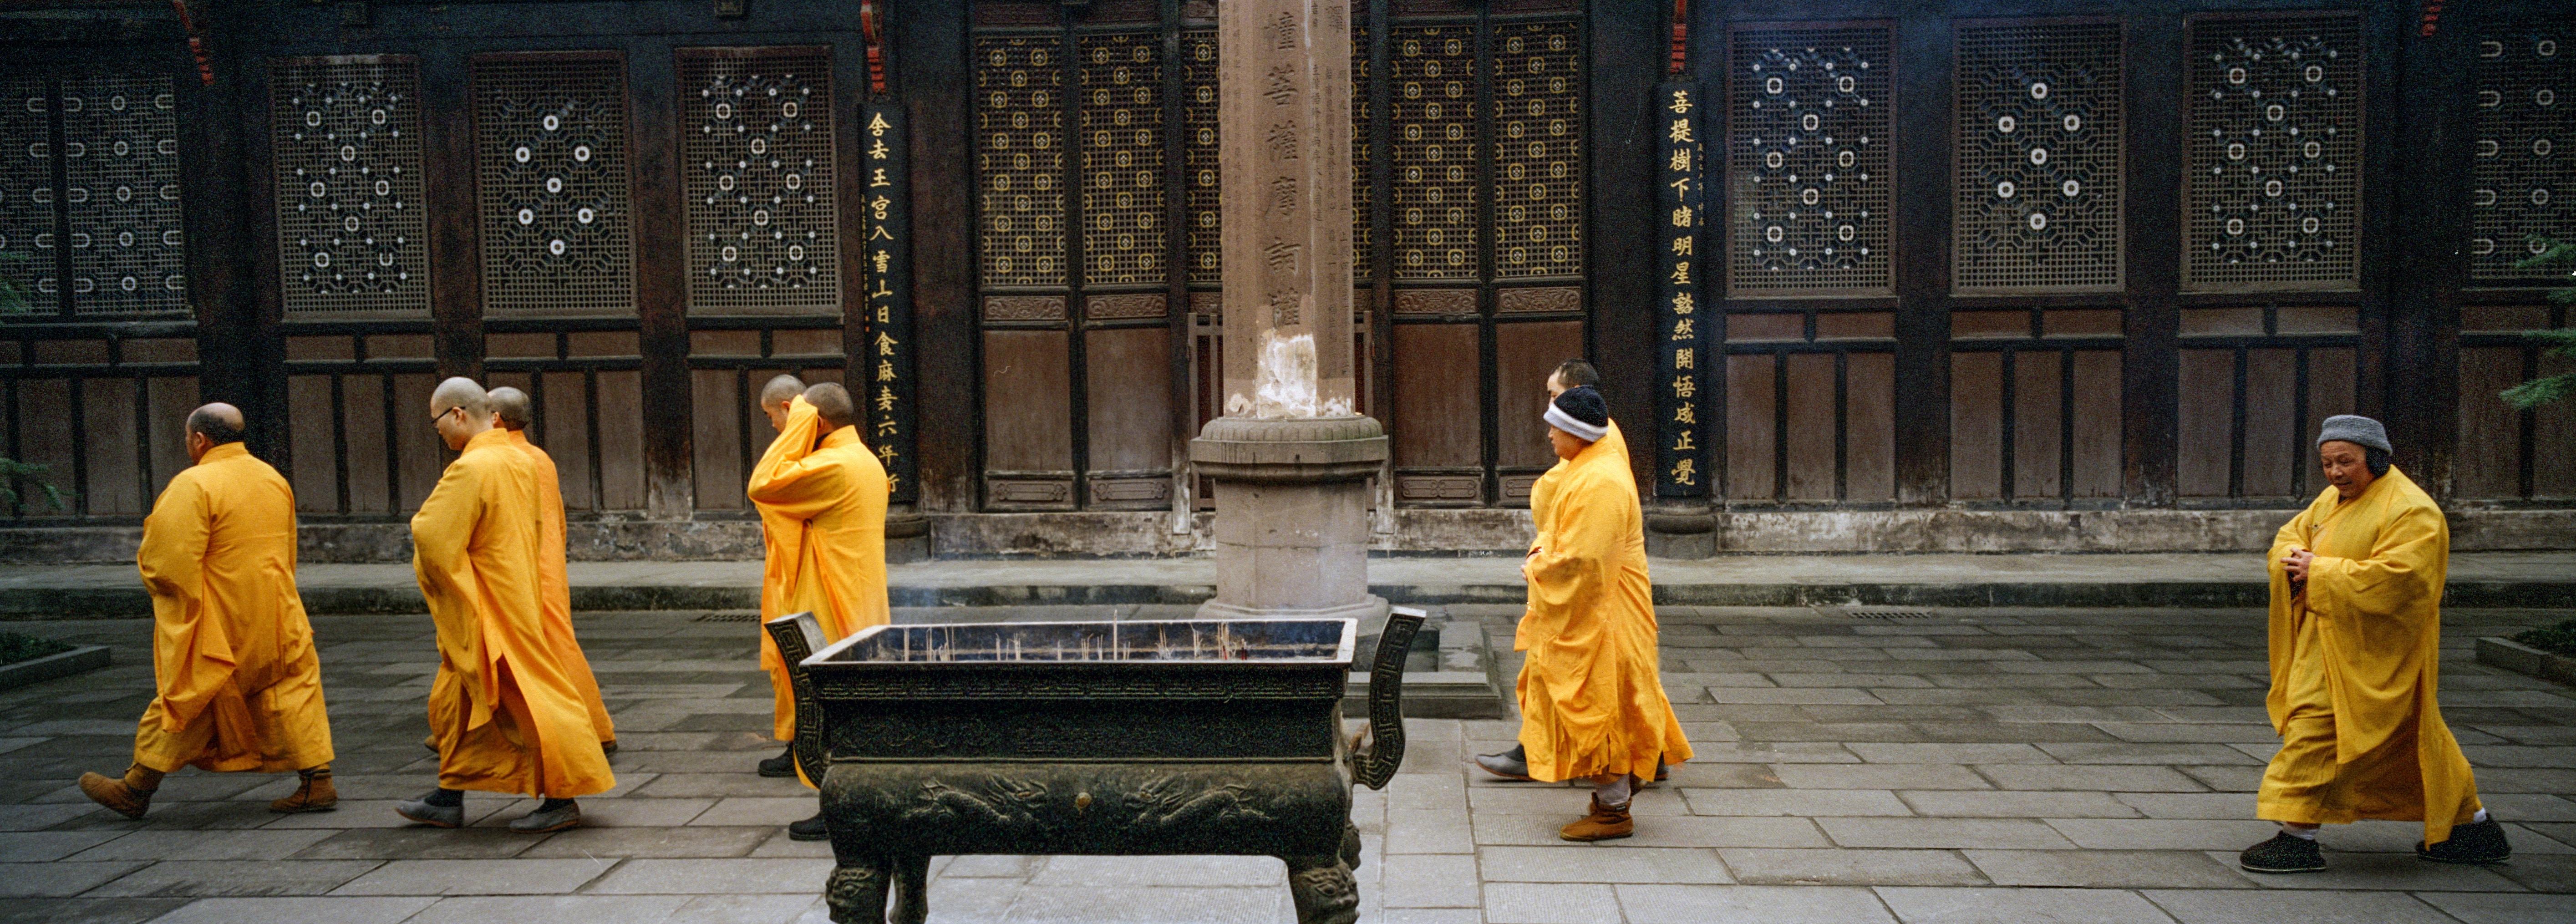 monk walking near temple